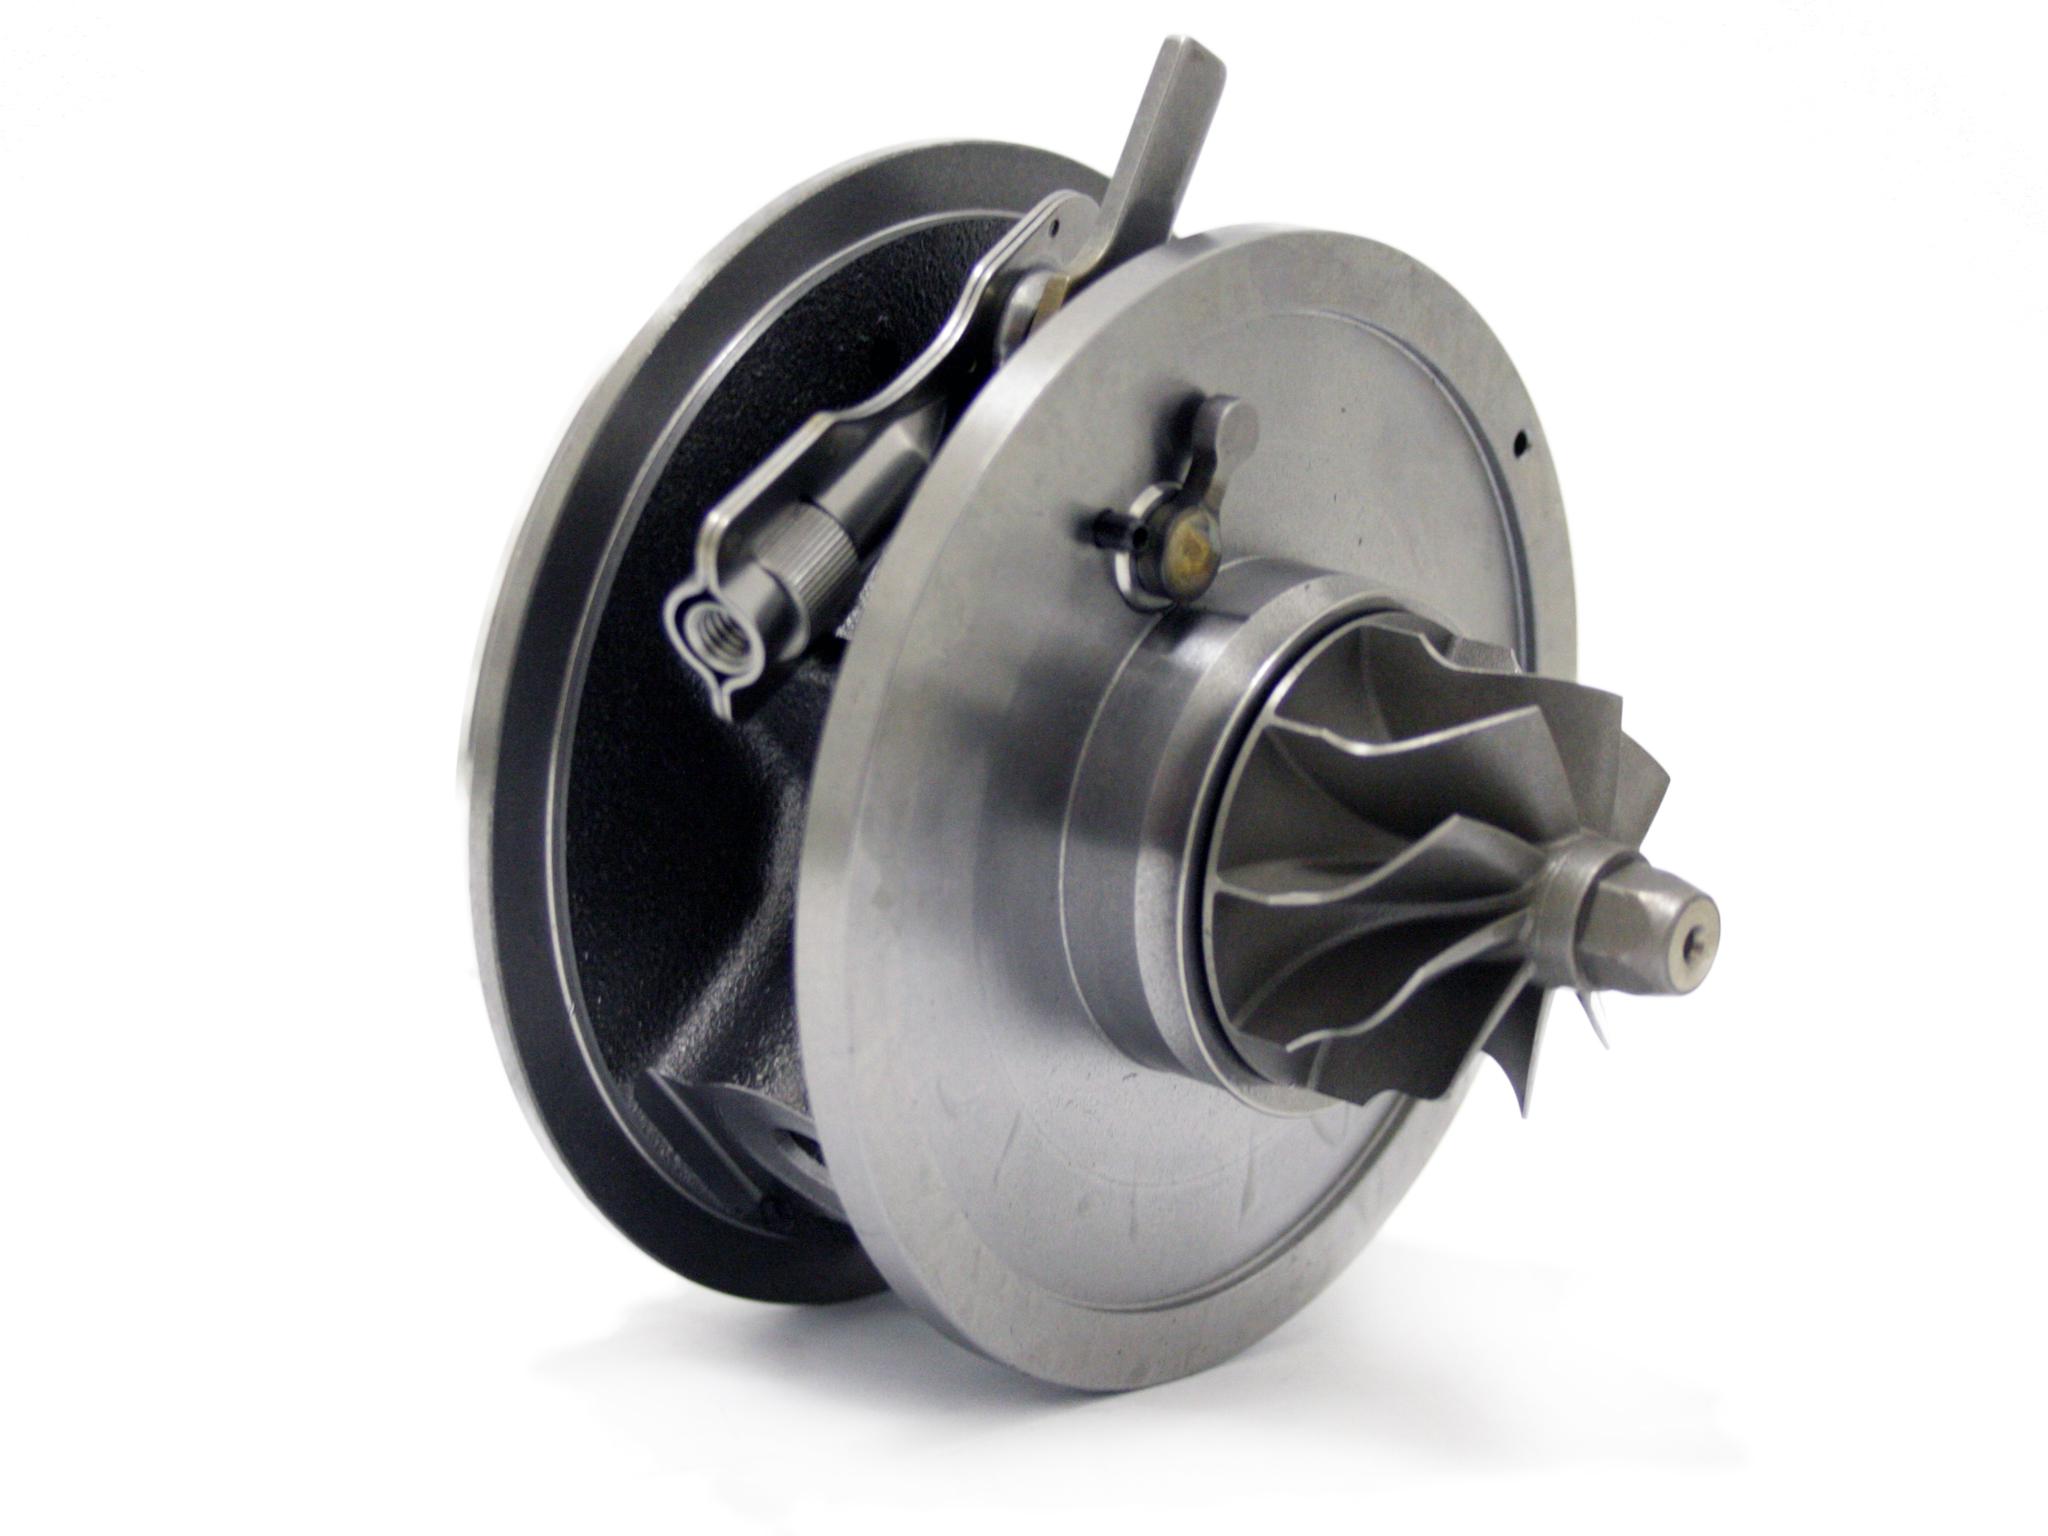 Картридж турбины BV43 Киа Соренто 2,5 D4CB VGT CRDi 170 л.с.